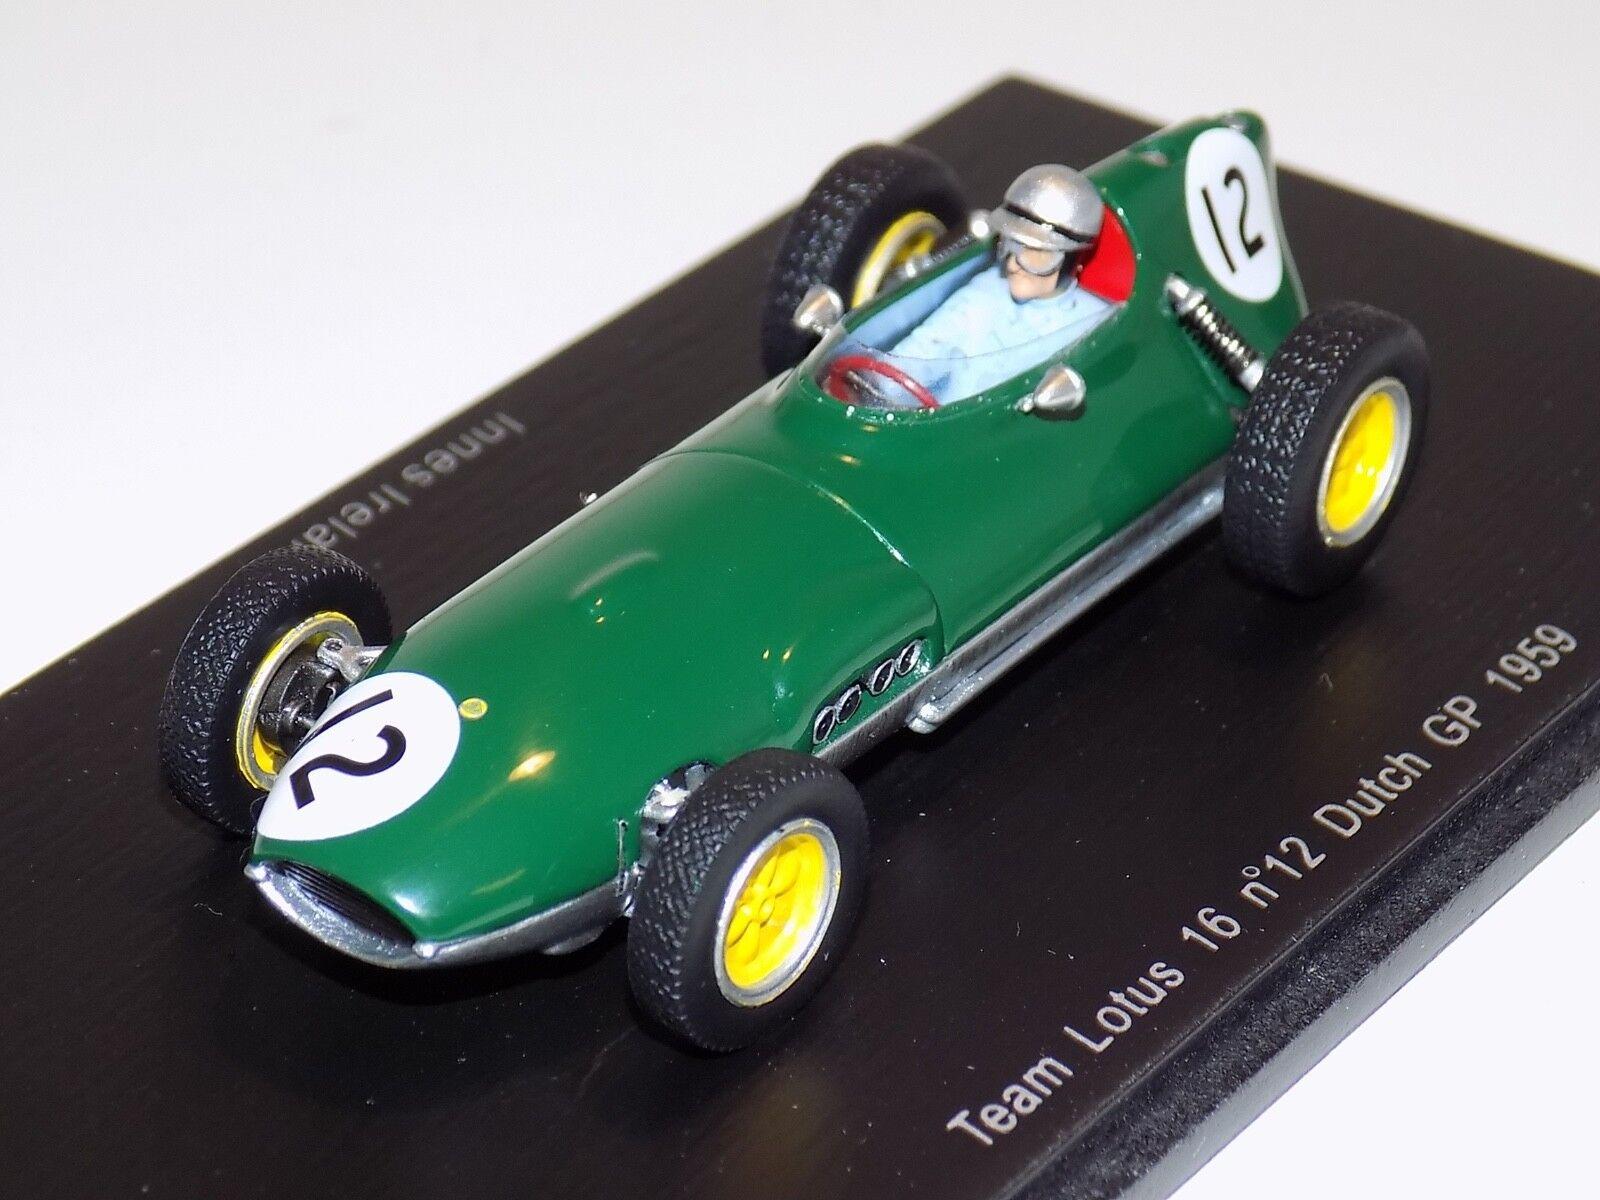 1 43 Spark Lotus 16 coche de Fórmula 1 F1 S1837 holandés Grand Prix Innes Ireland